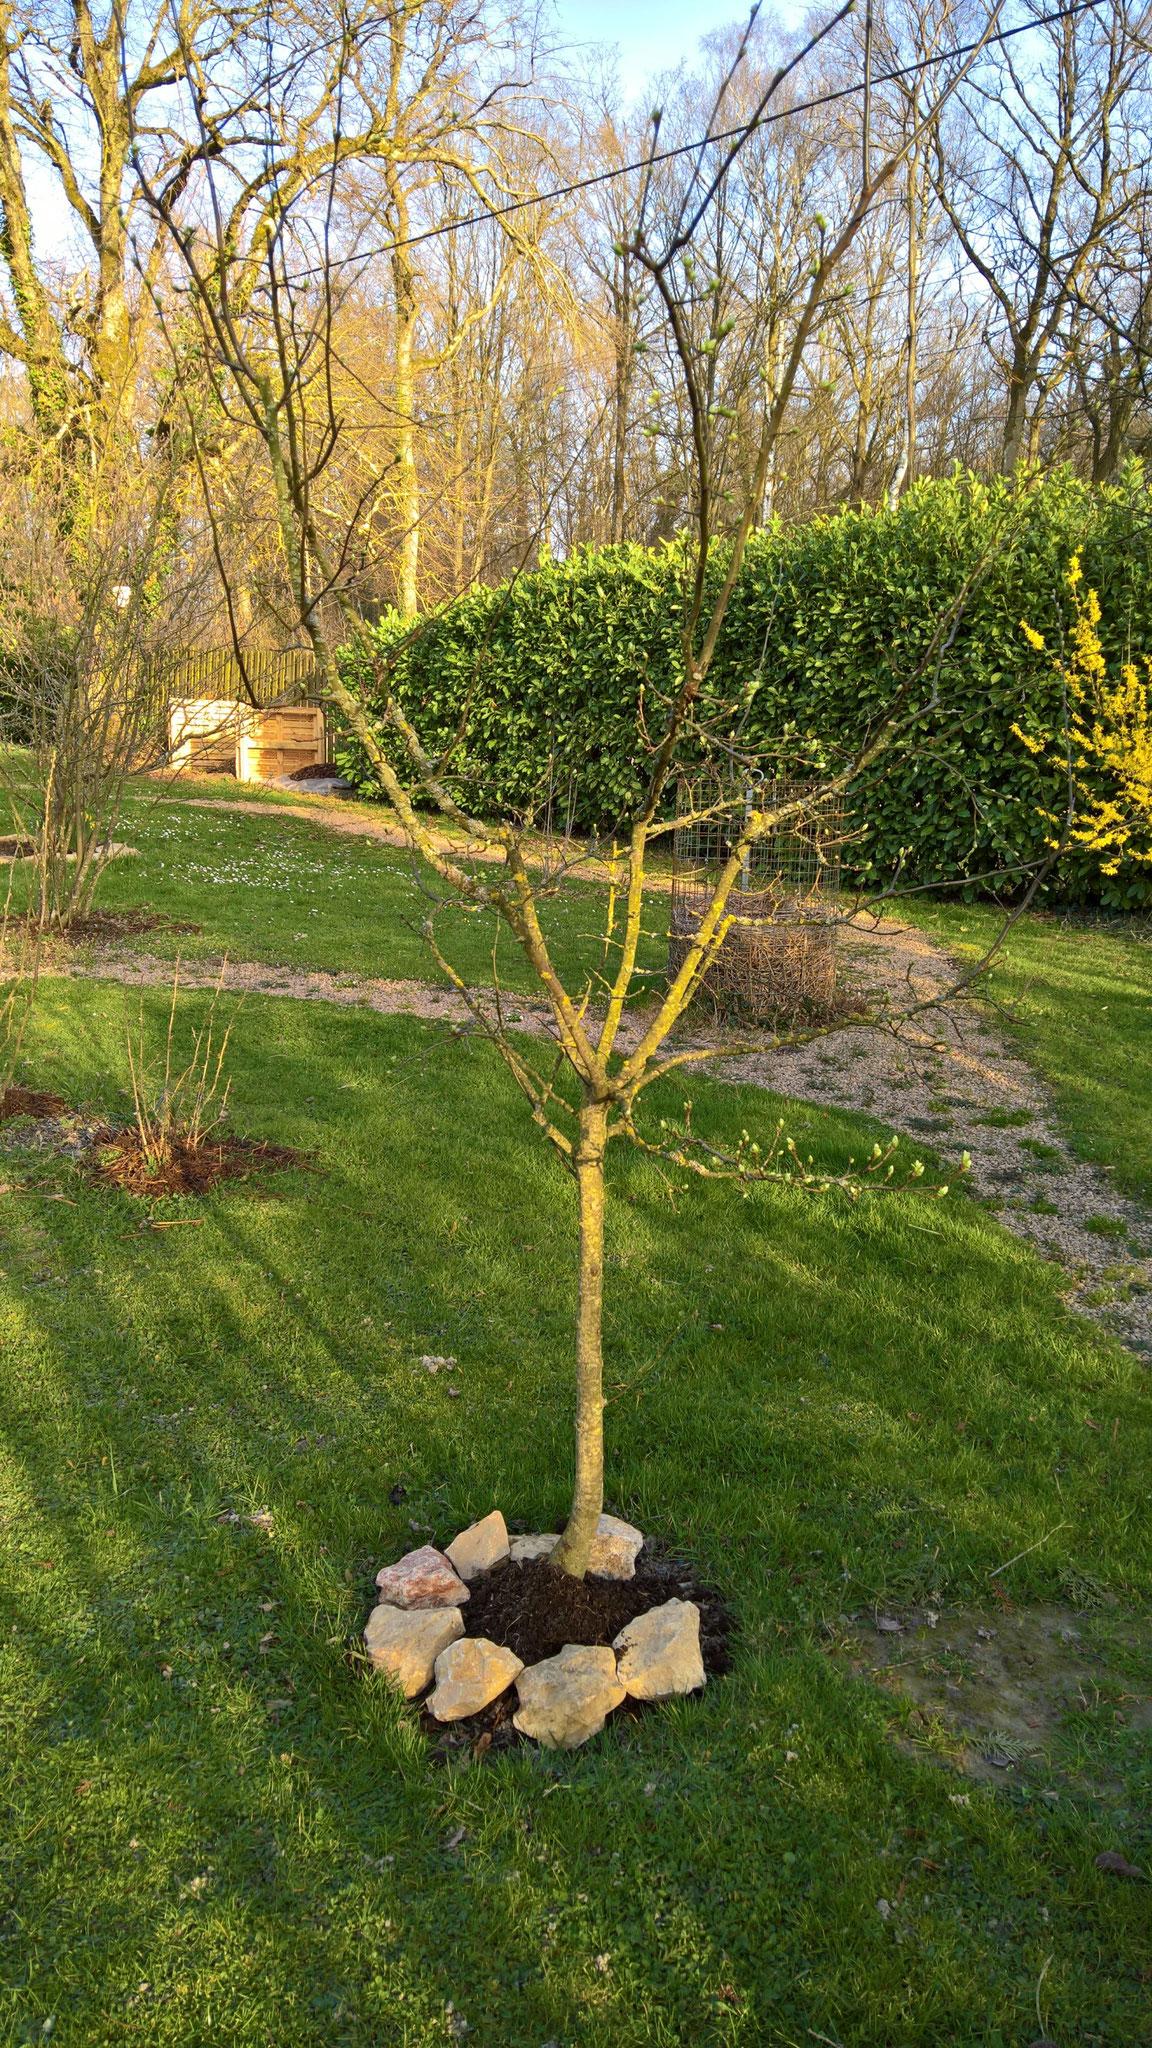 Der Quittenbaum erhält einen Schutzwall gegen die Hühner